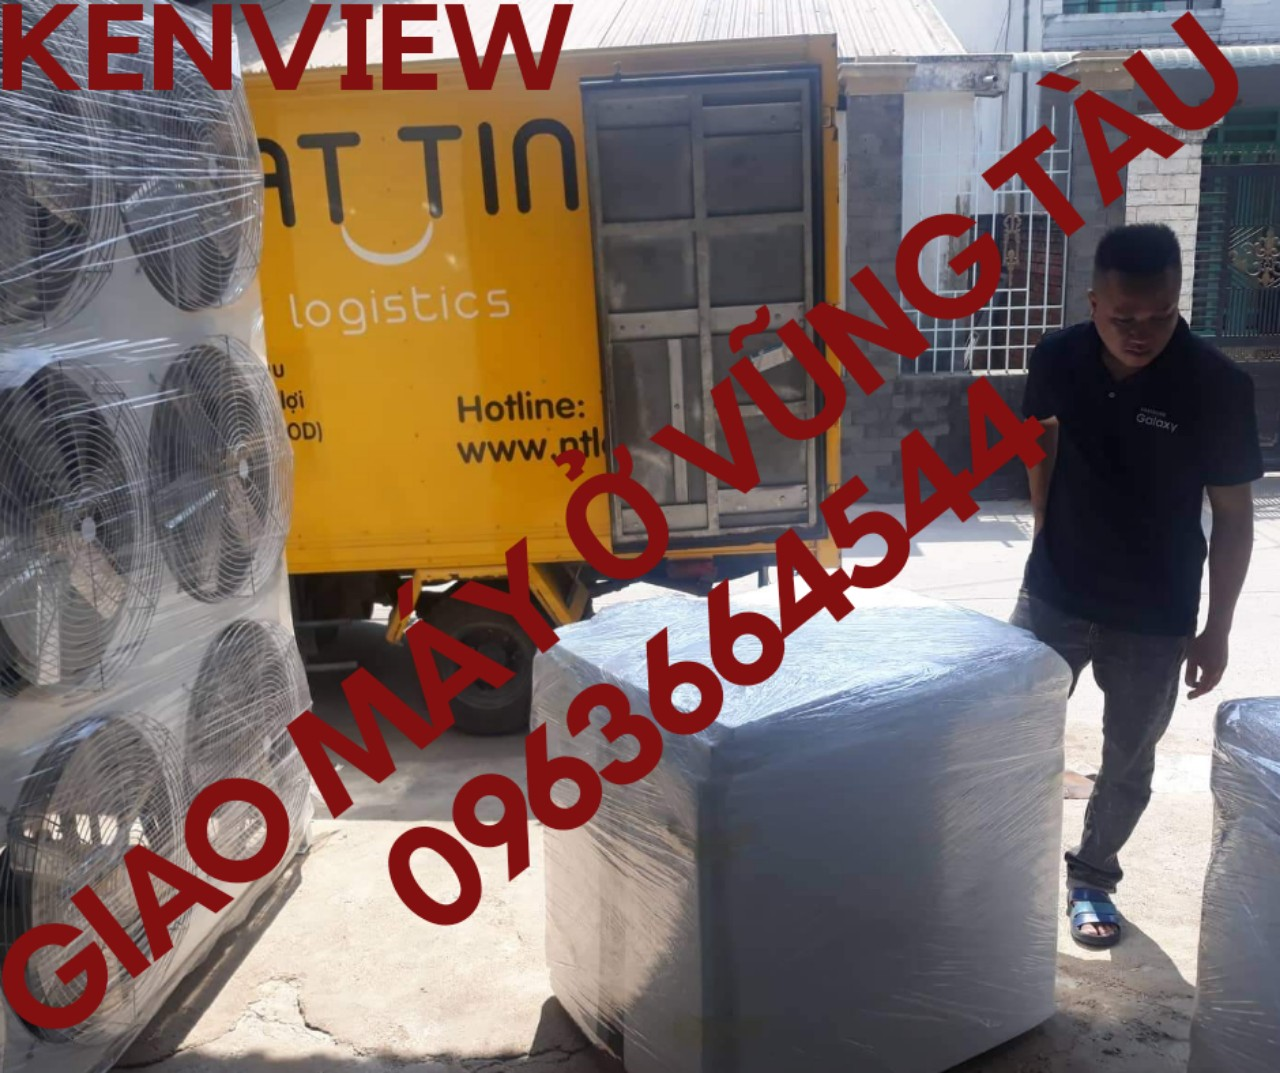 Kenview cung cấp máy sấy tôm khô ở Vũng Tàu 0963664544